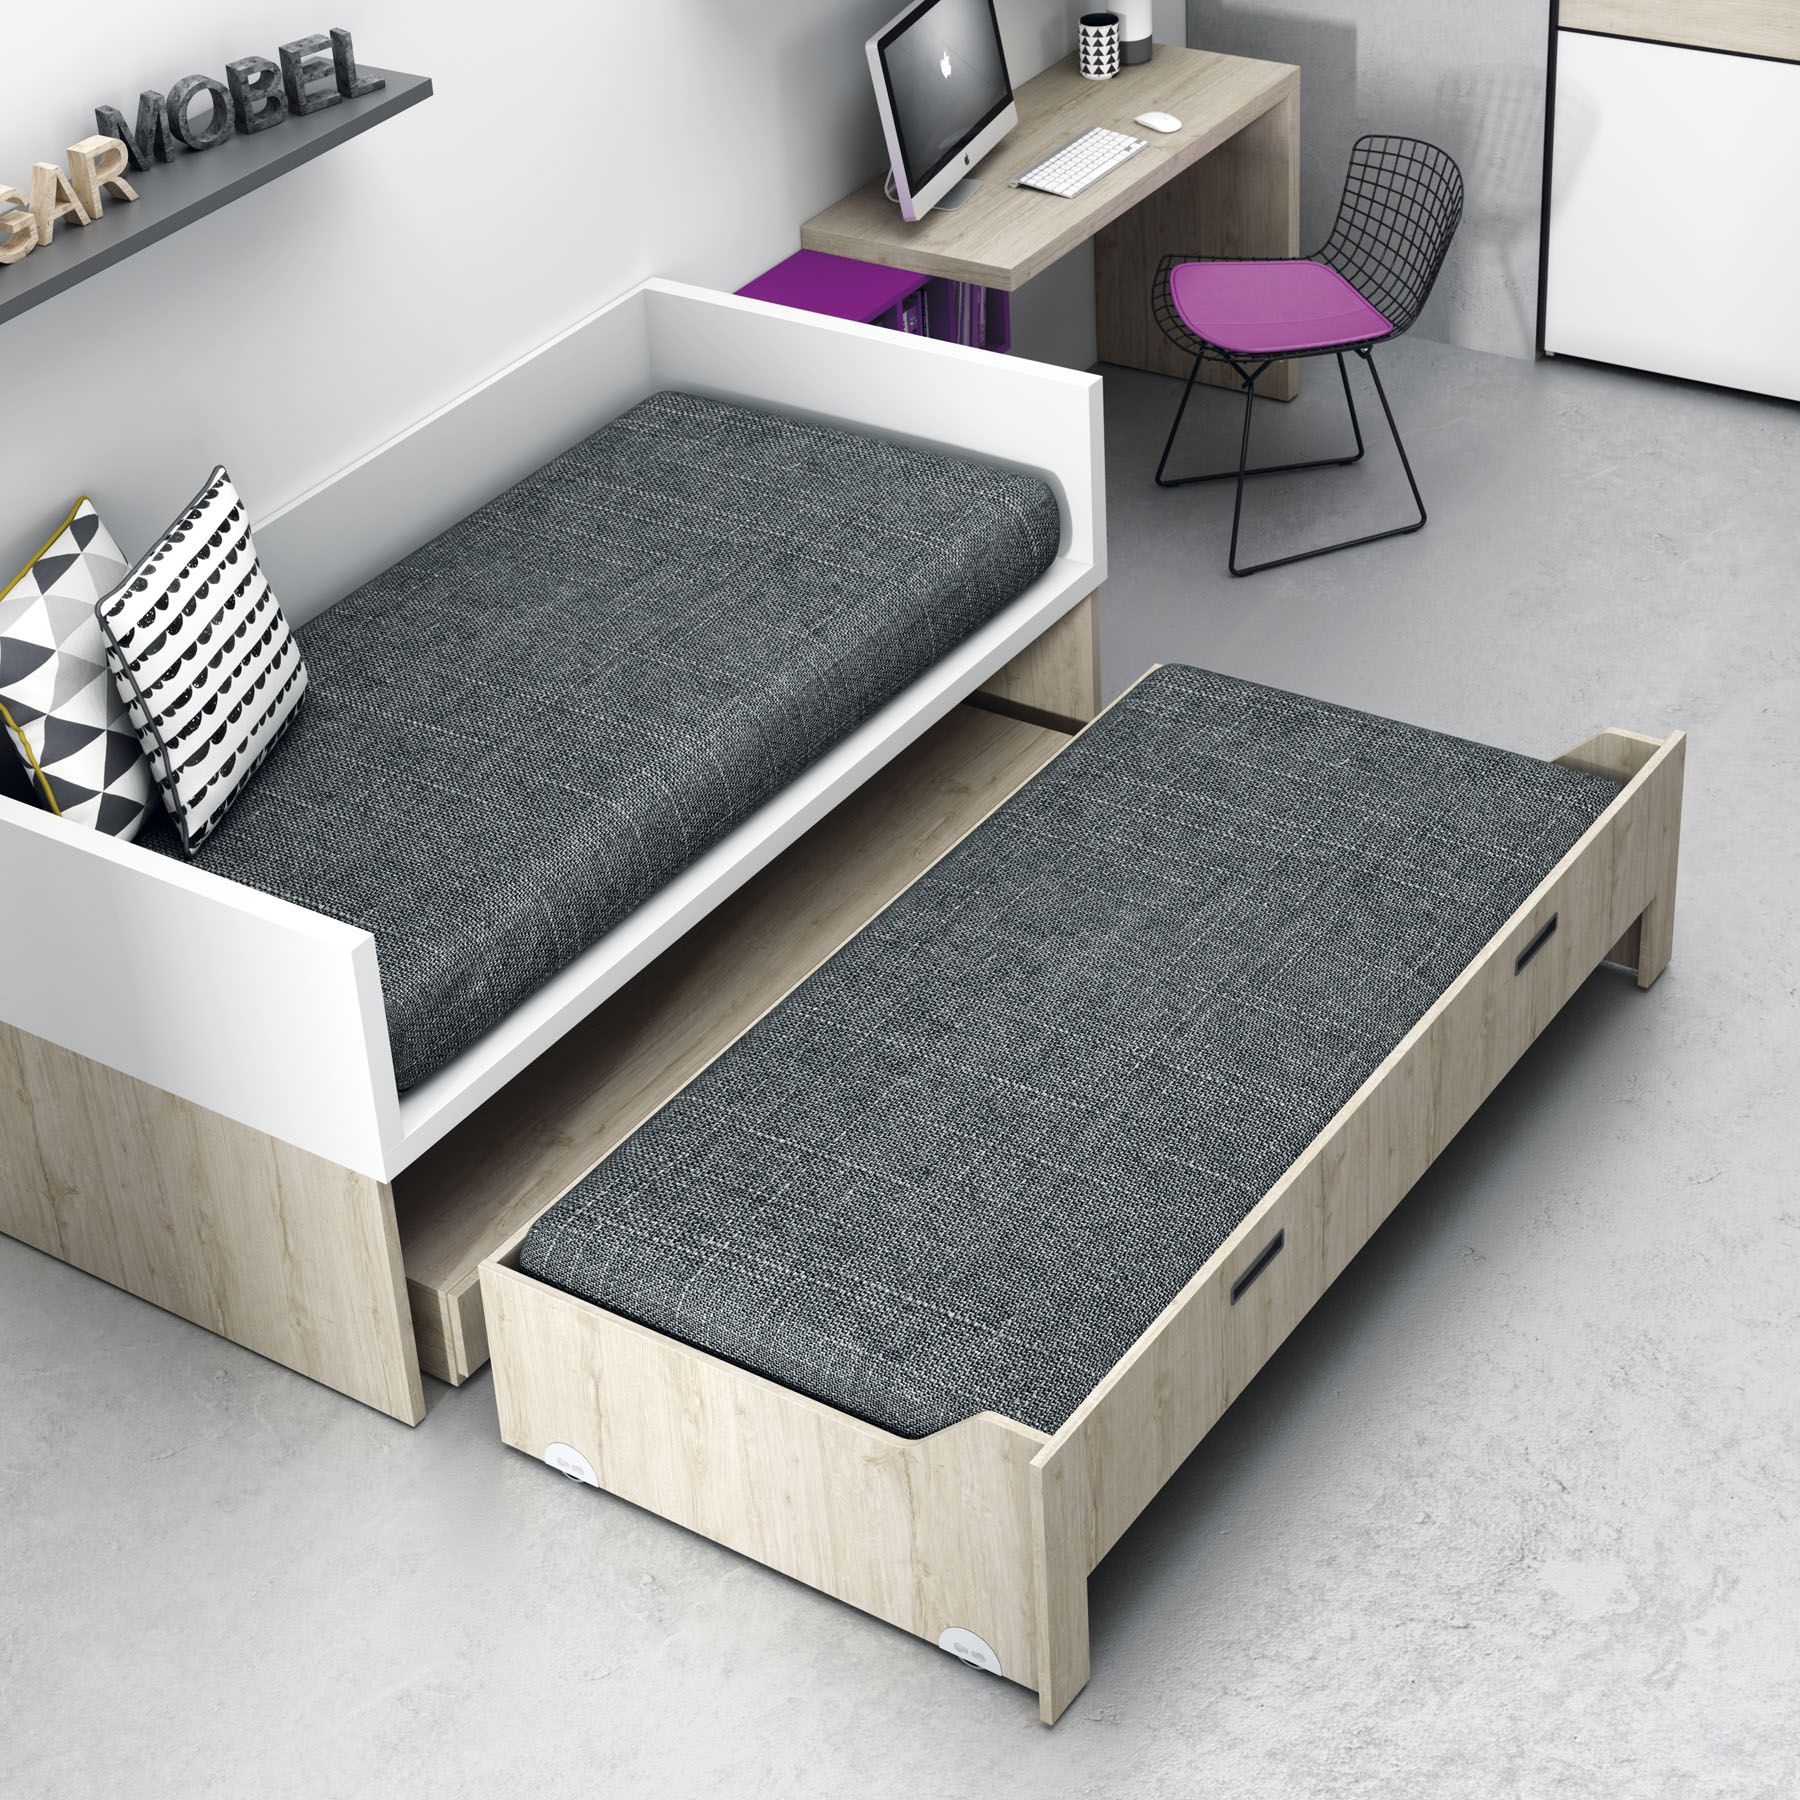 Camas dobles en poco espacio habitaciones juveniles - Habitaciones infantiles dobles poco espacio ...